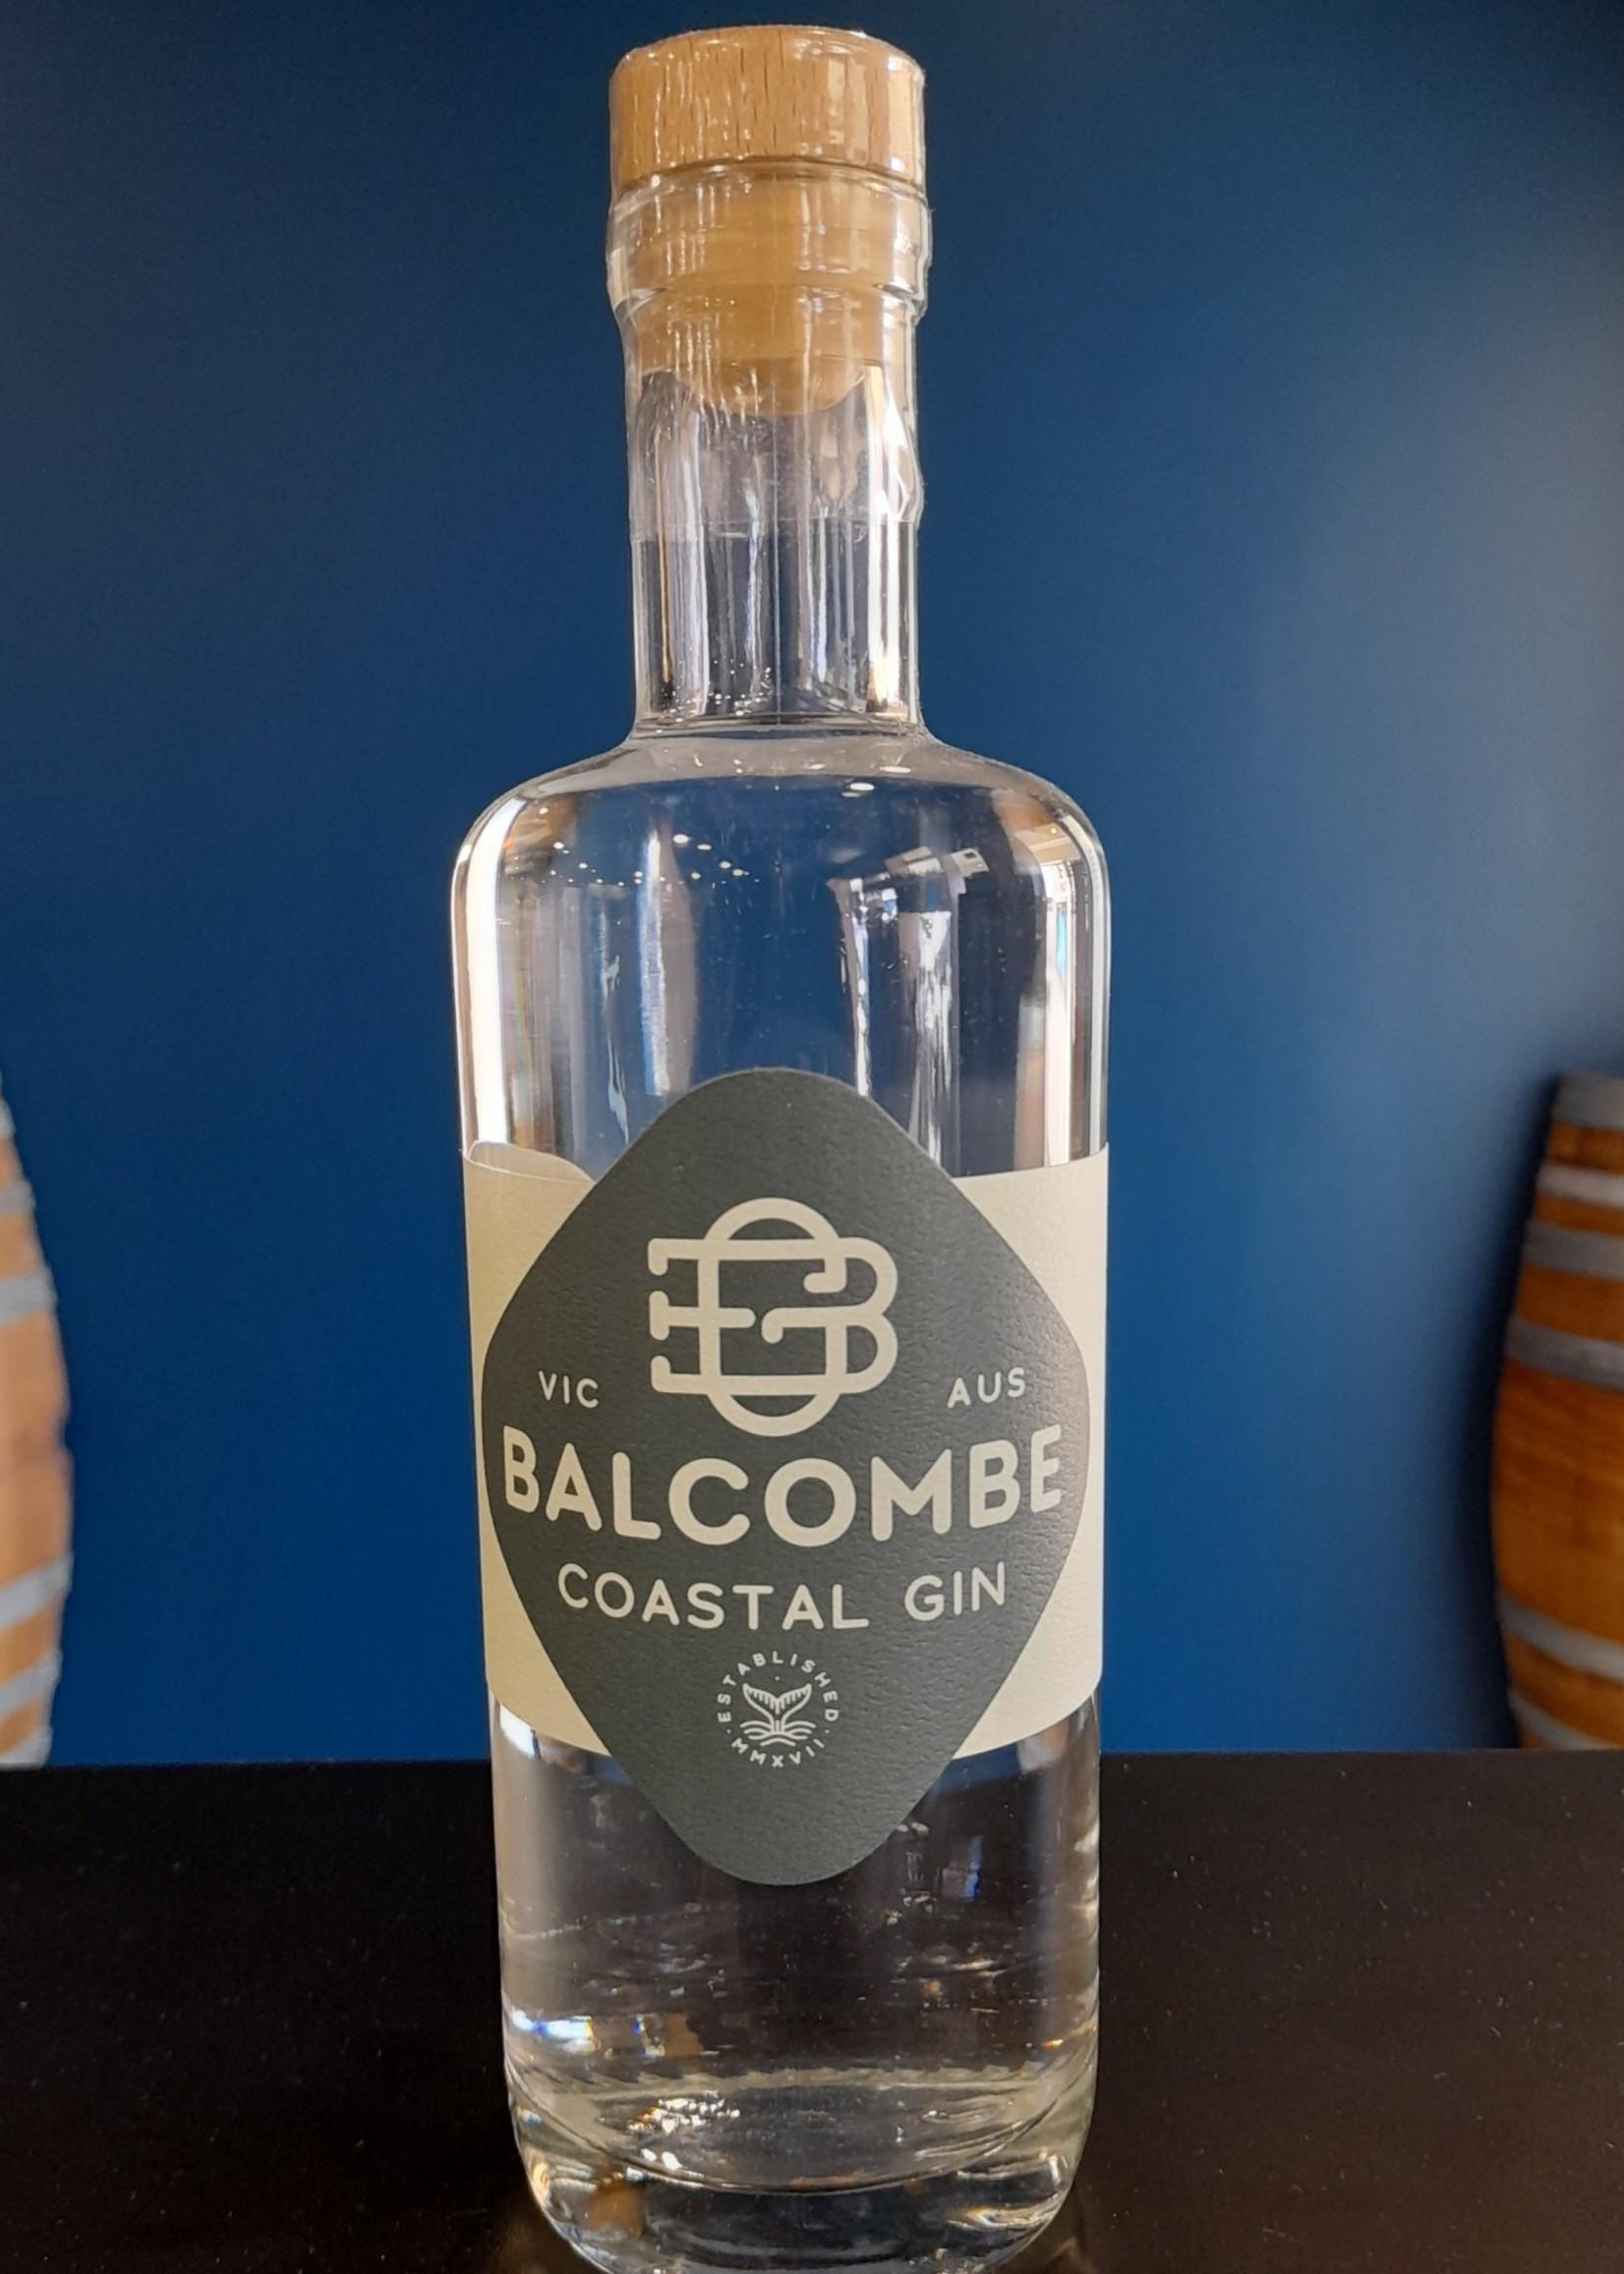 Balcombe Balcombe Coastal Gin